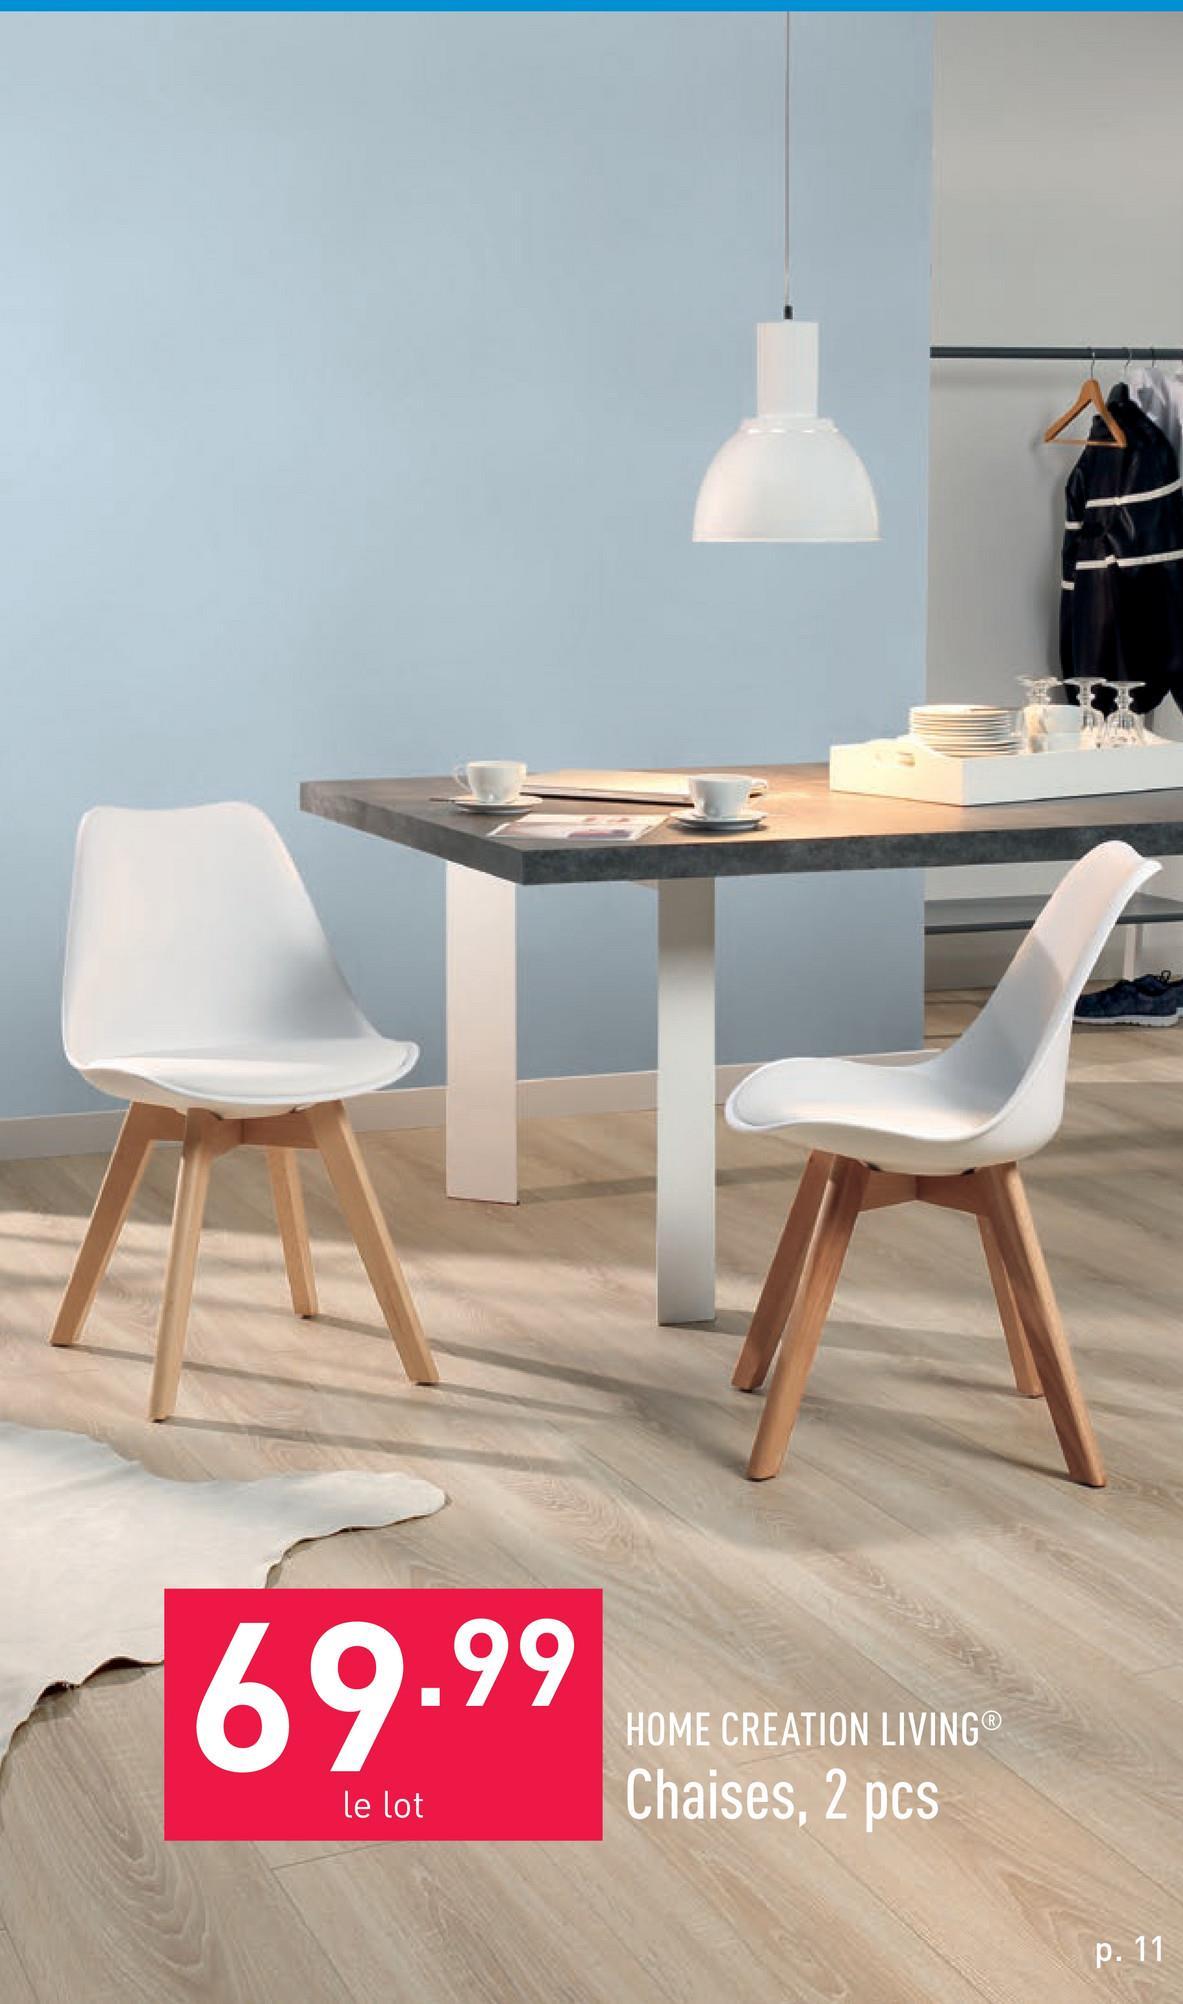 Chaises, 2 pcs env. 53 x 48 x 82 cm (L x P x H)pieds en hêtre massif (certifié FSC®)garniture en similicuirassise confortable grâce au rembourrage en mousse du siège